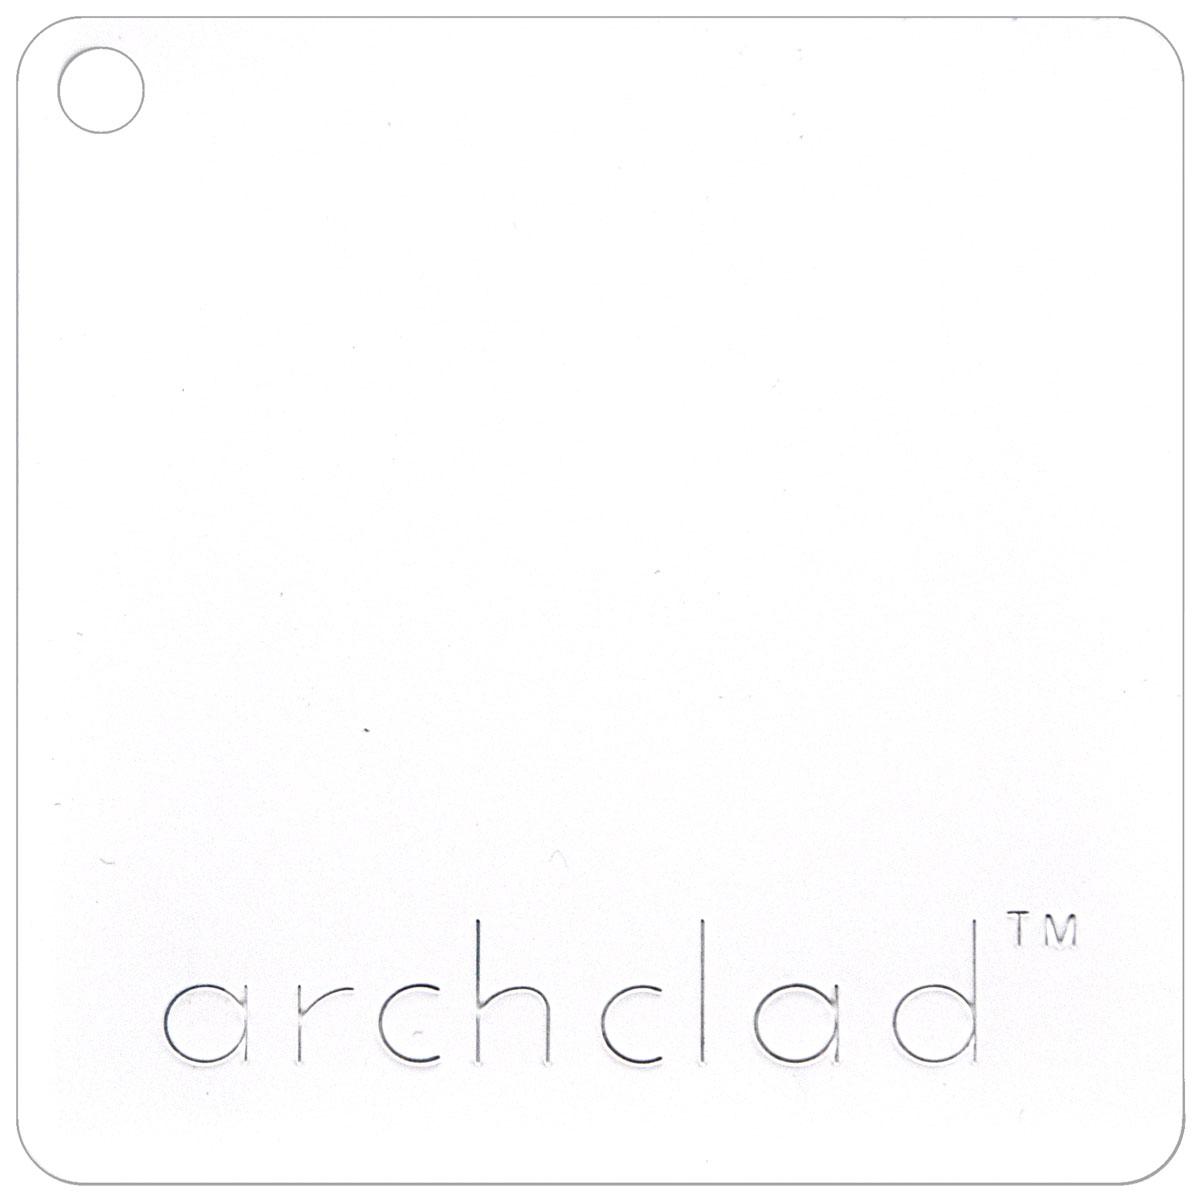 cirrus white Aluminium